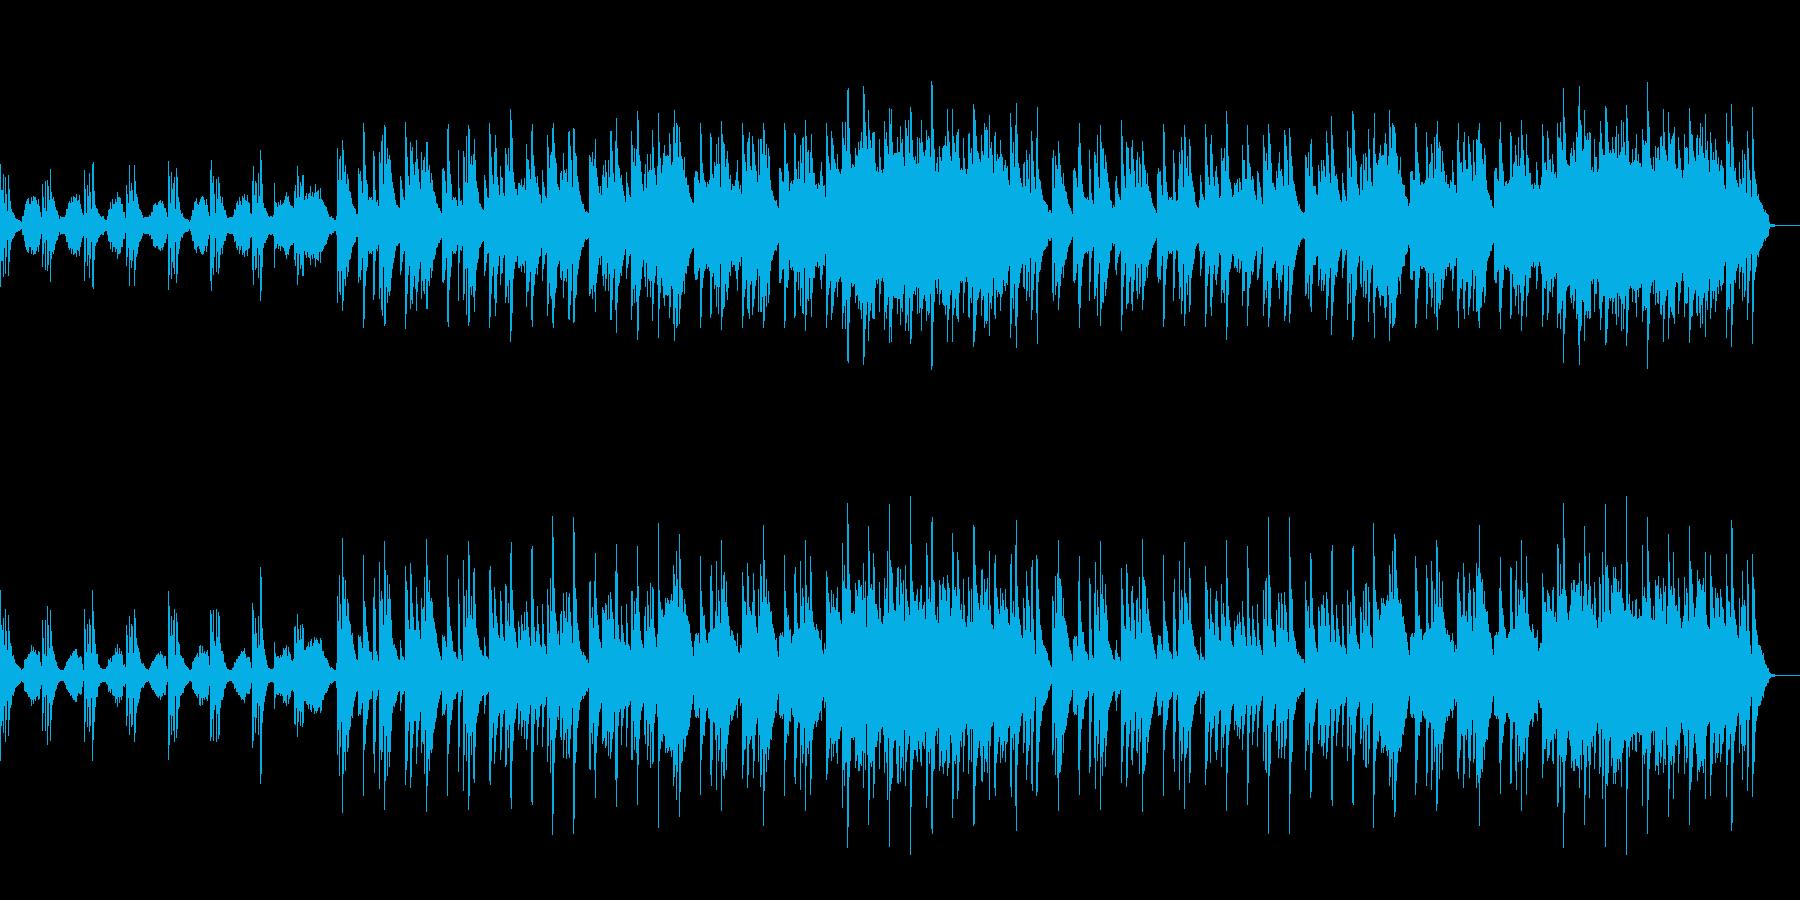 ピアノとストリングスによる切ないBGMの再生済みの波形